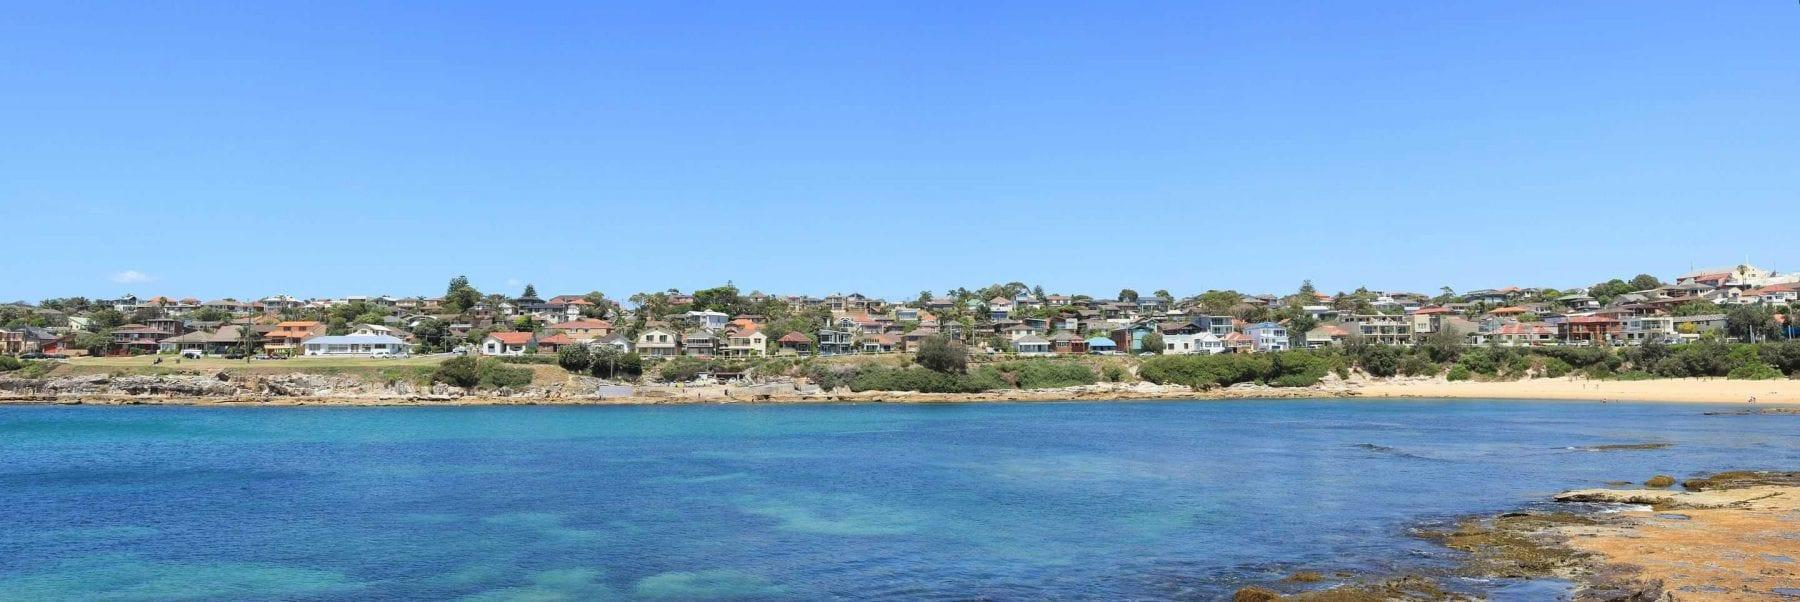 Malabar, New South Wales